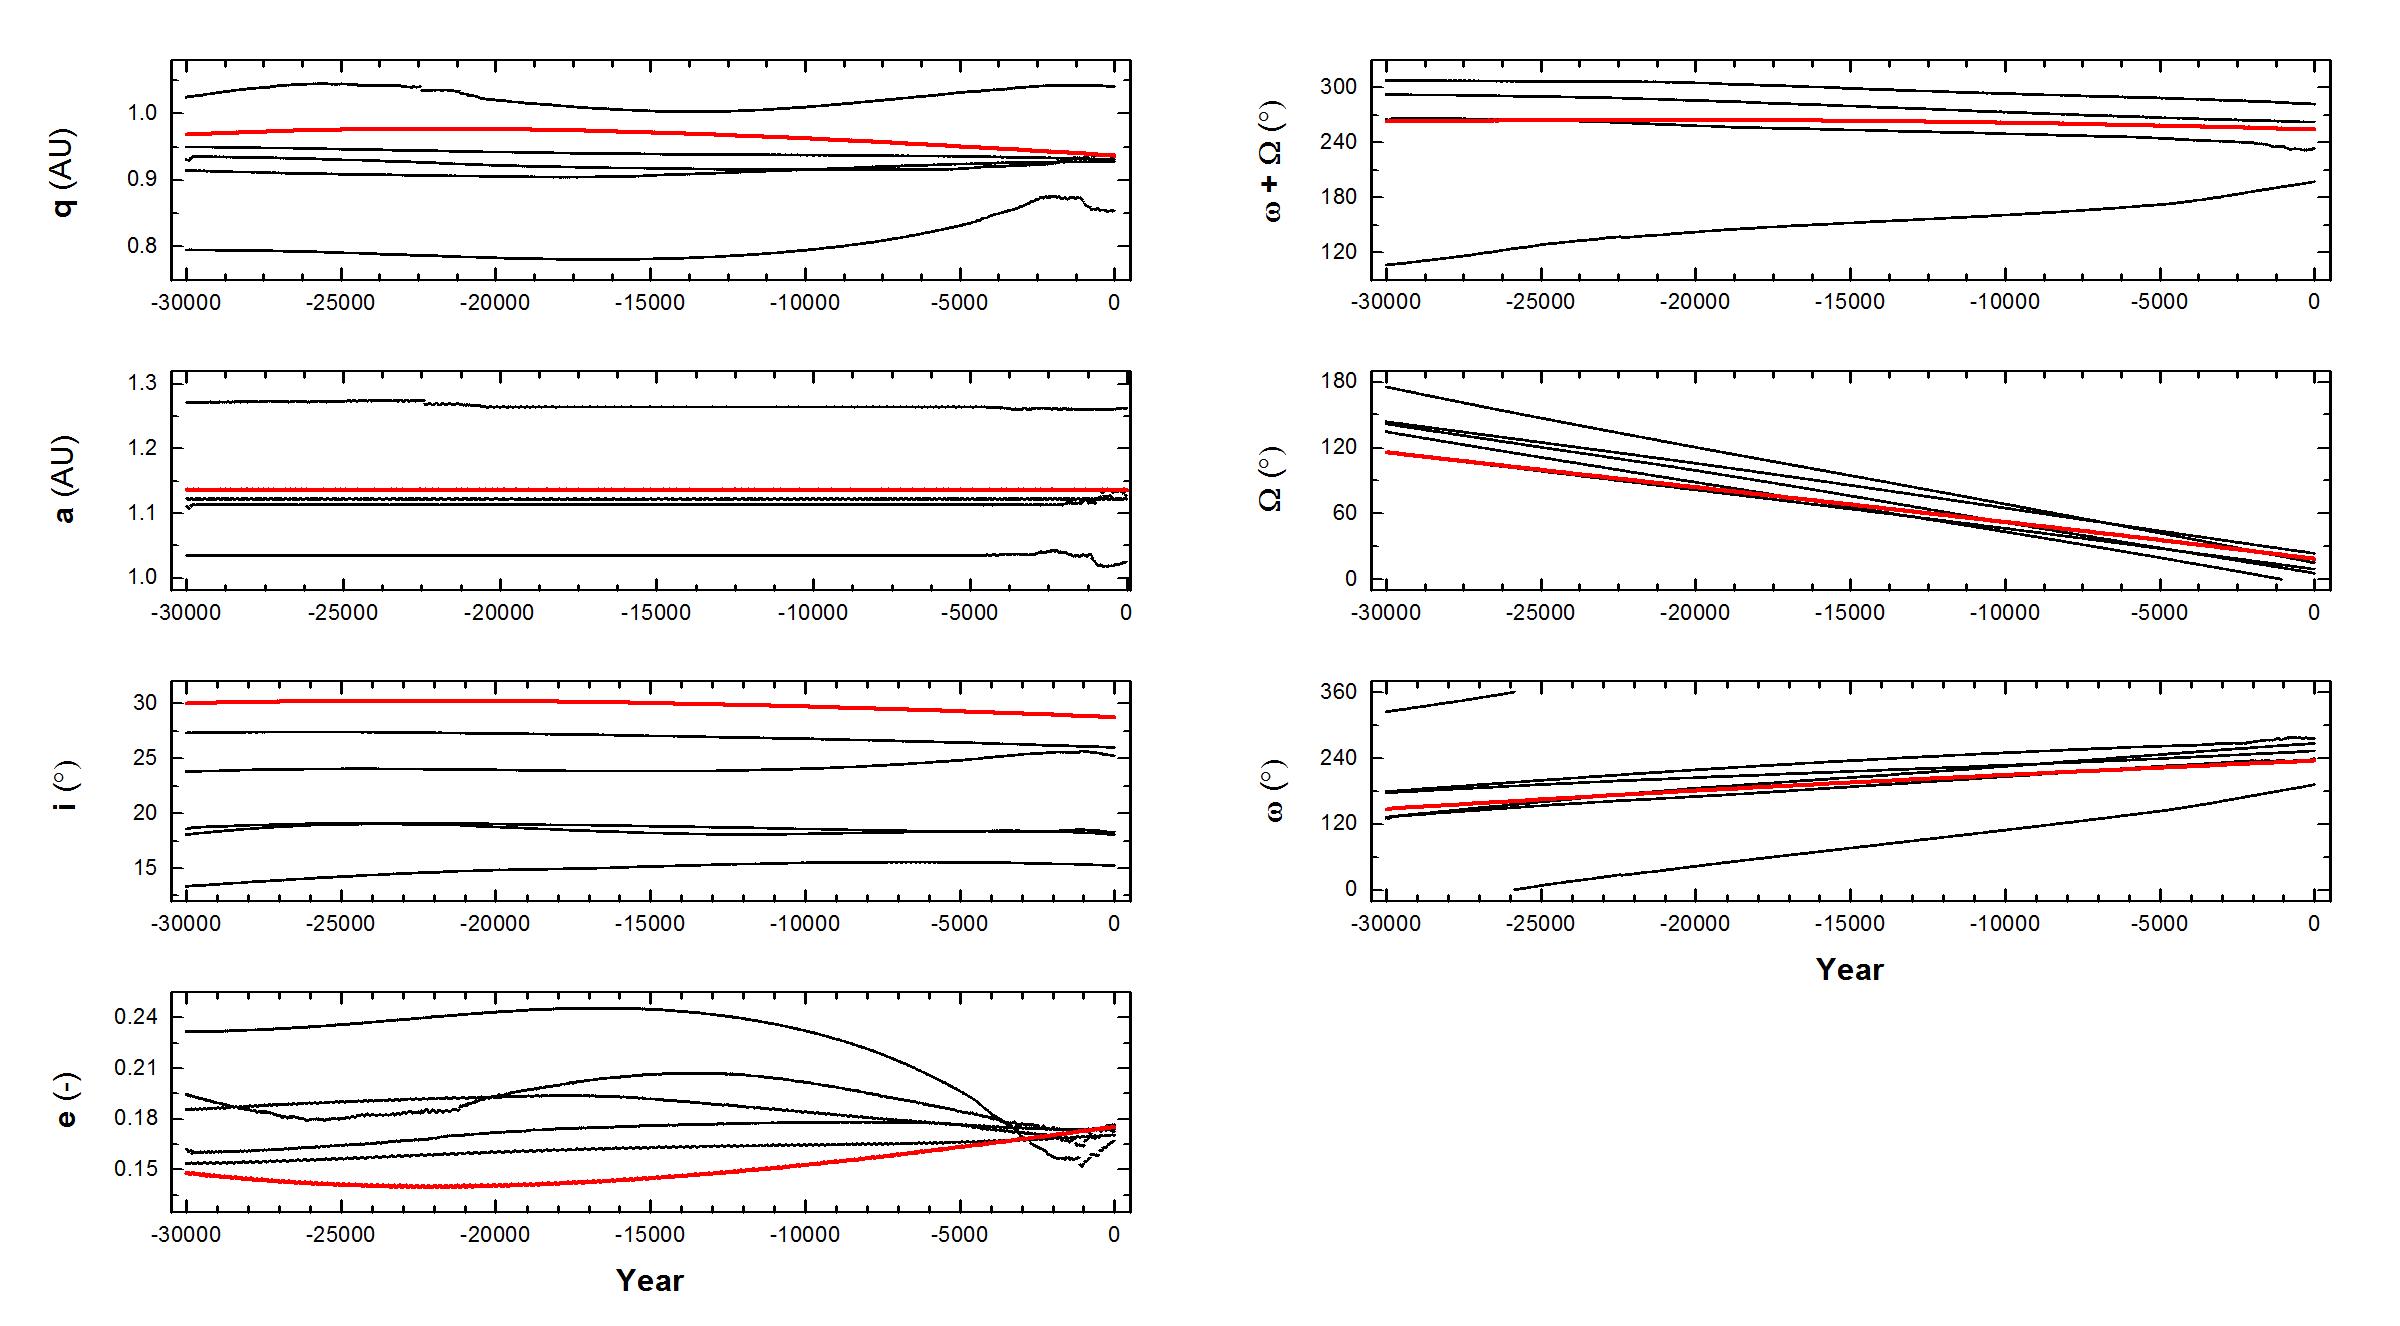 Obr.D8: Zpětná numerická integrace orbitálních elementů potenciálních mateřských těles bolidu 20180408_184733. Sloupec vlevo (zhora): vzdálenost perihelia (q), velká poloosa (a), sklon dráhy (i), excentricita (i). Sloupec vpravo (zhora): součet délky vzestupného uzlu a argumentu perihelia (ω + Ω), délka vzestupného uzlu (ω) a argument perihelia (Ω). Zpětná numerická integrace střední dráhy meteoroidu 20180408_184733 je označena červeně. Autor: Jakub Koukal